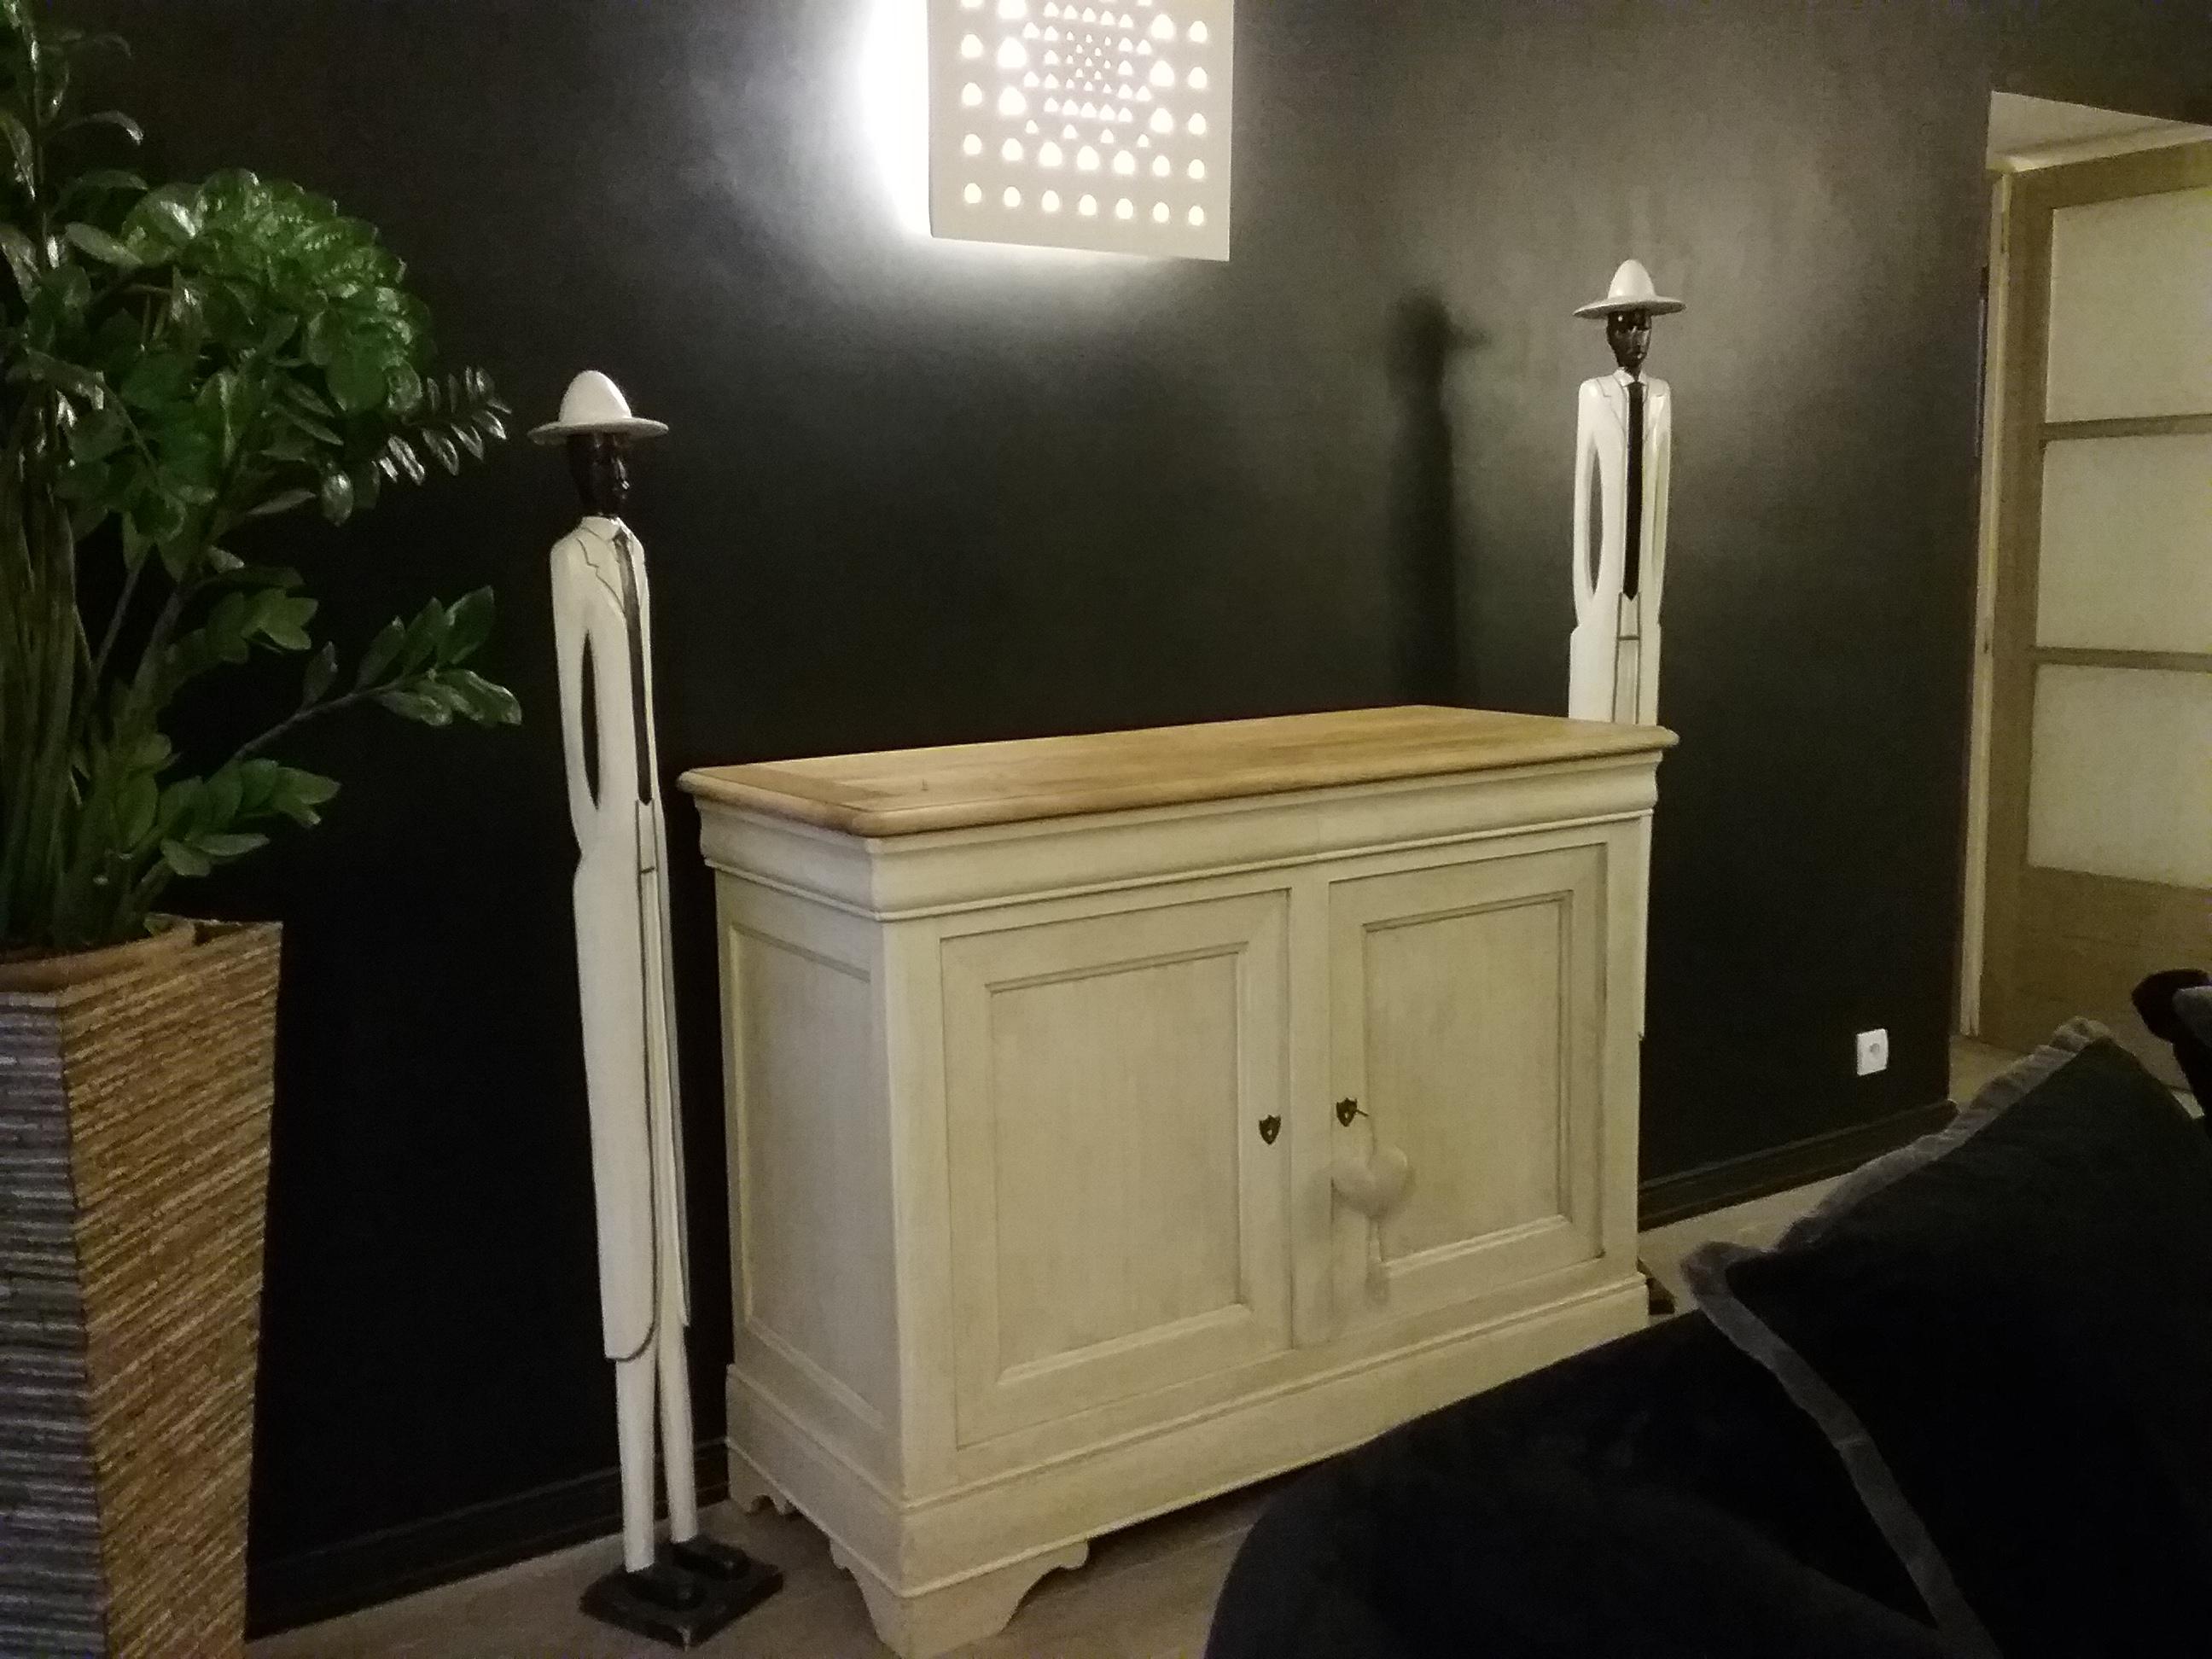 Matériel Pour Patiner Un Meuble blonde patine - cours patine, relooking de meubles, décor